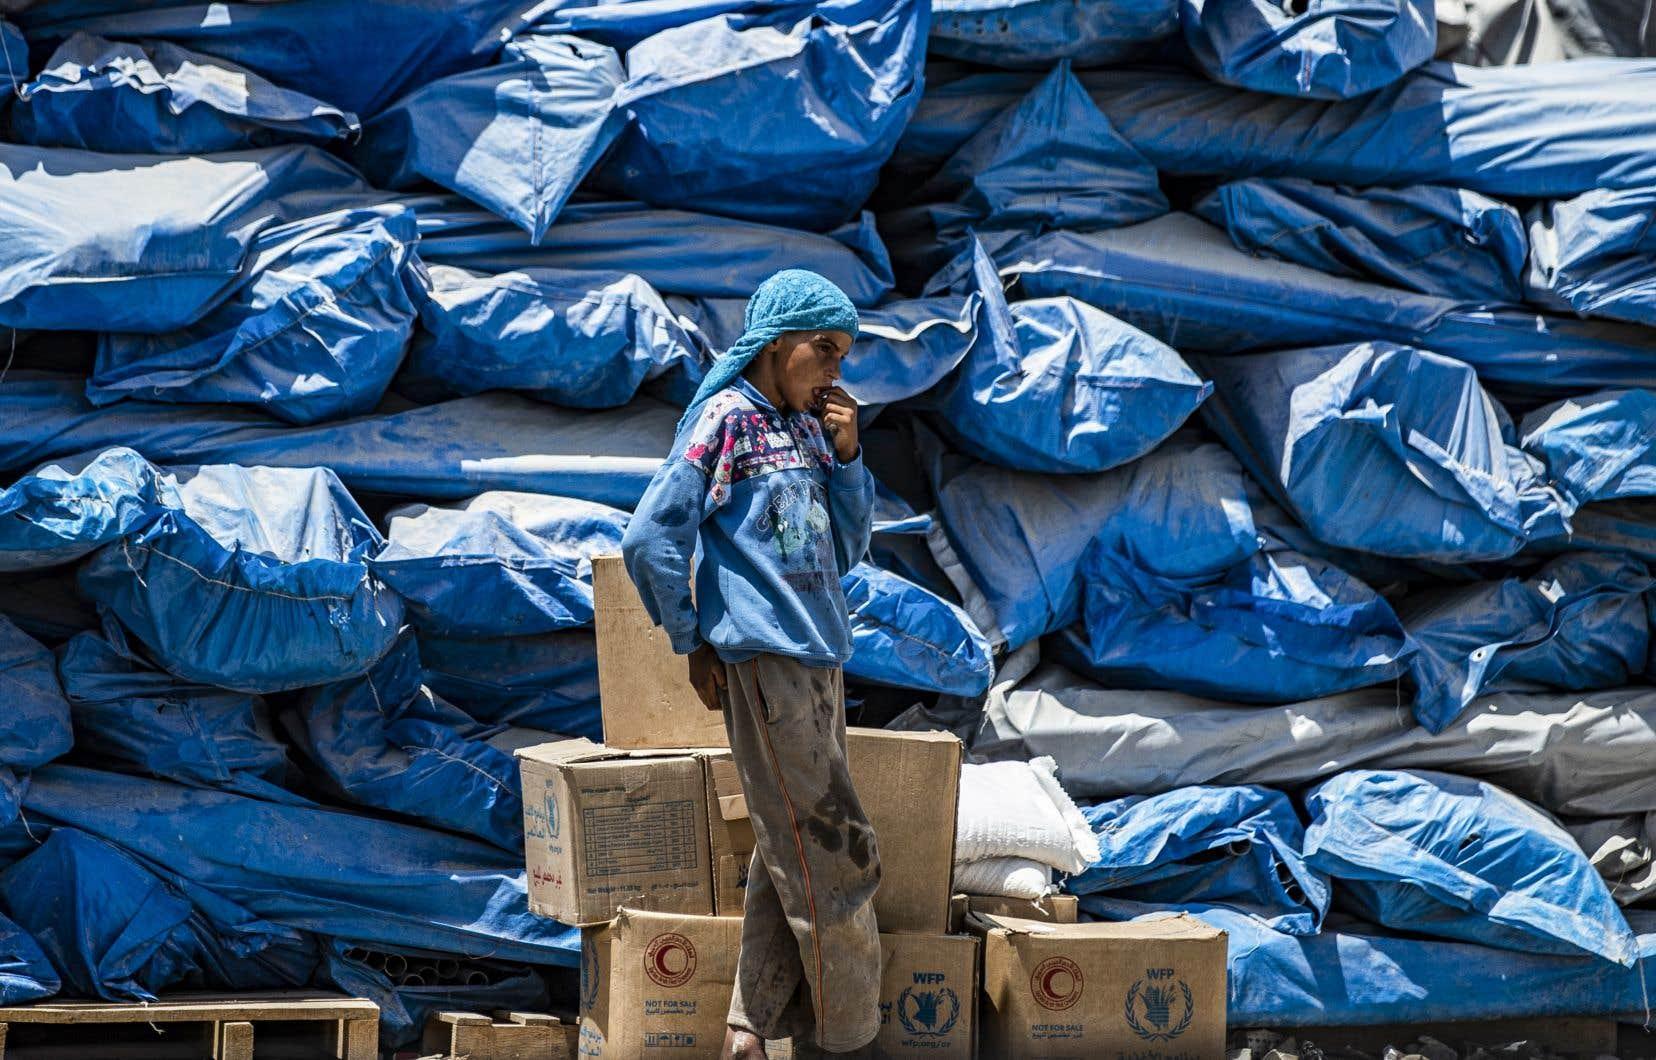 Selon le Haut Commissariat des Nations unies pour les réfugiés, les craintes de la population ne sont pas justifiées; on n'a qu'à regarder les résultats socio-économiques et culturels d'intégration des réfugiés.